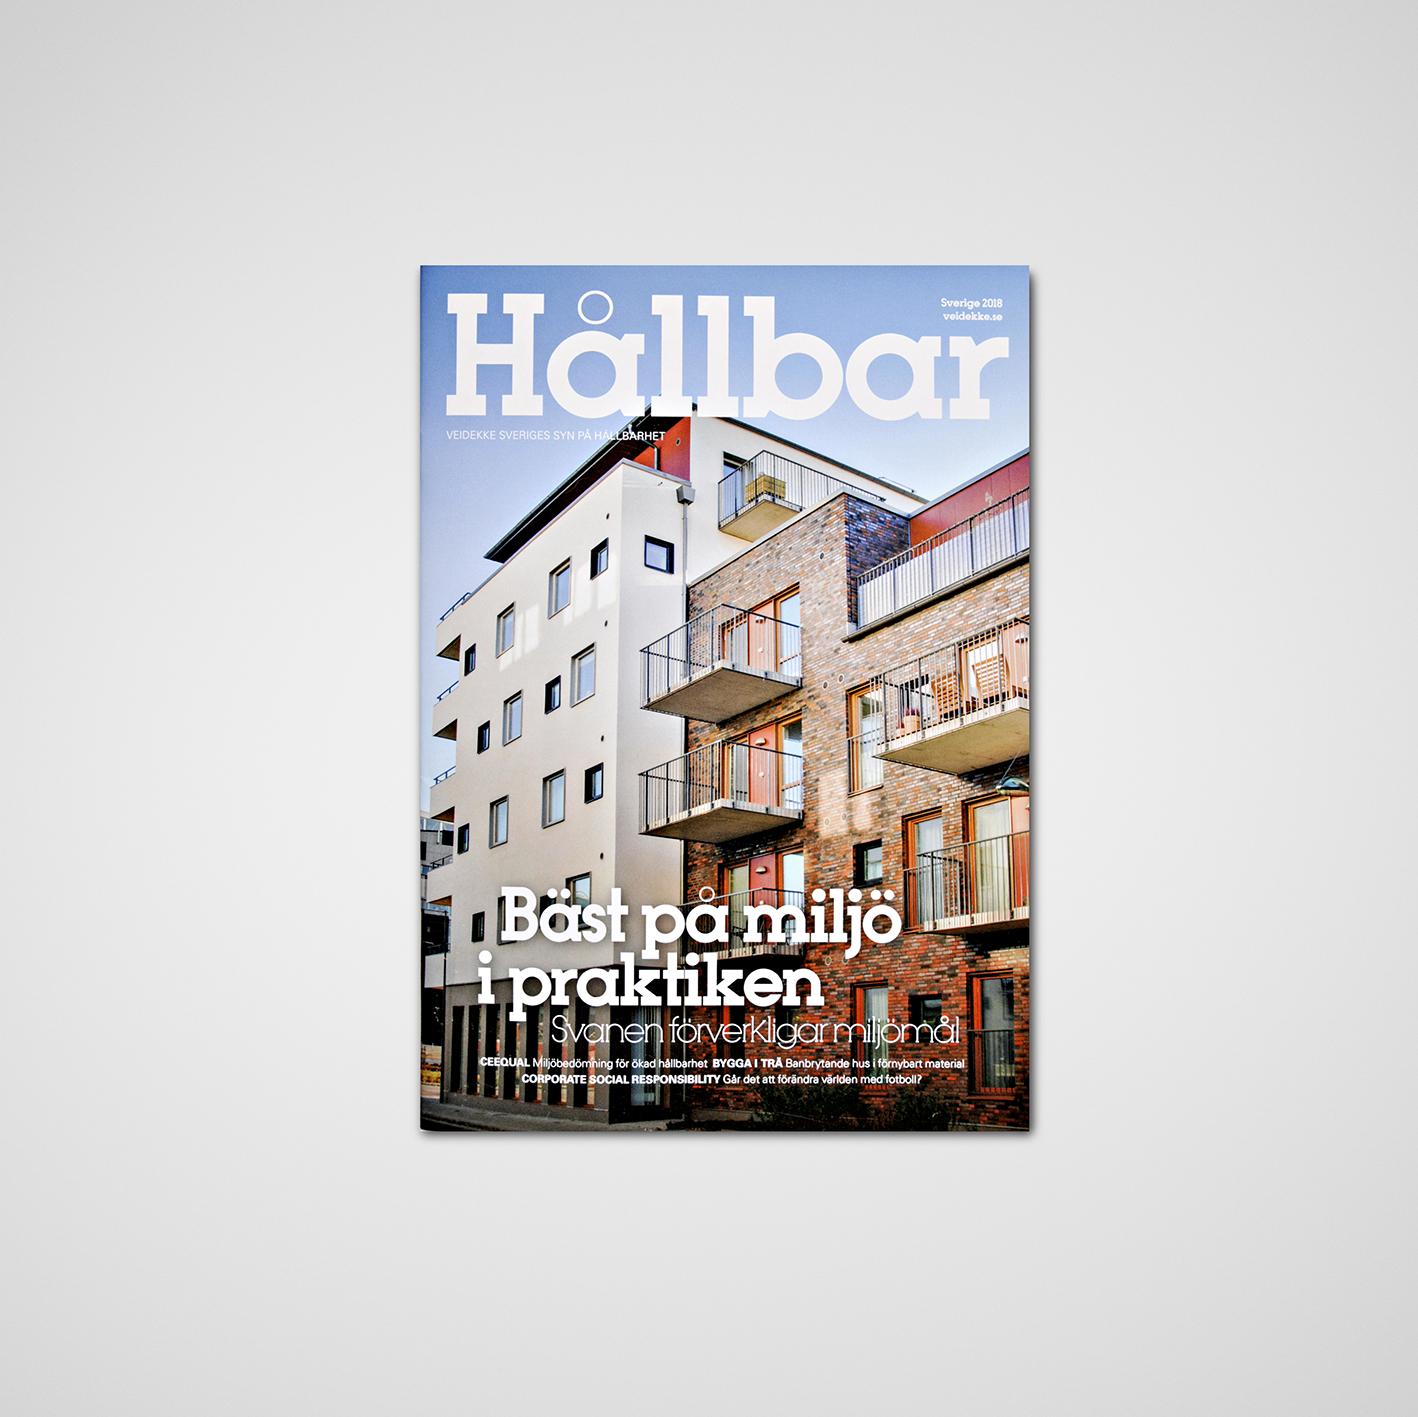 Veidekke - Ett hållbart magasin